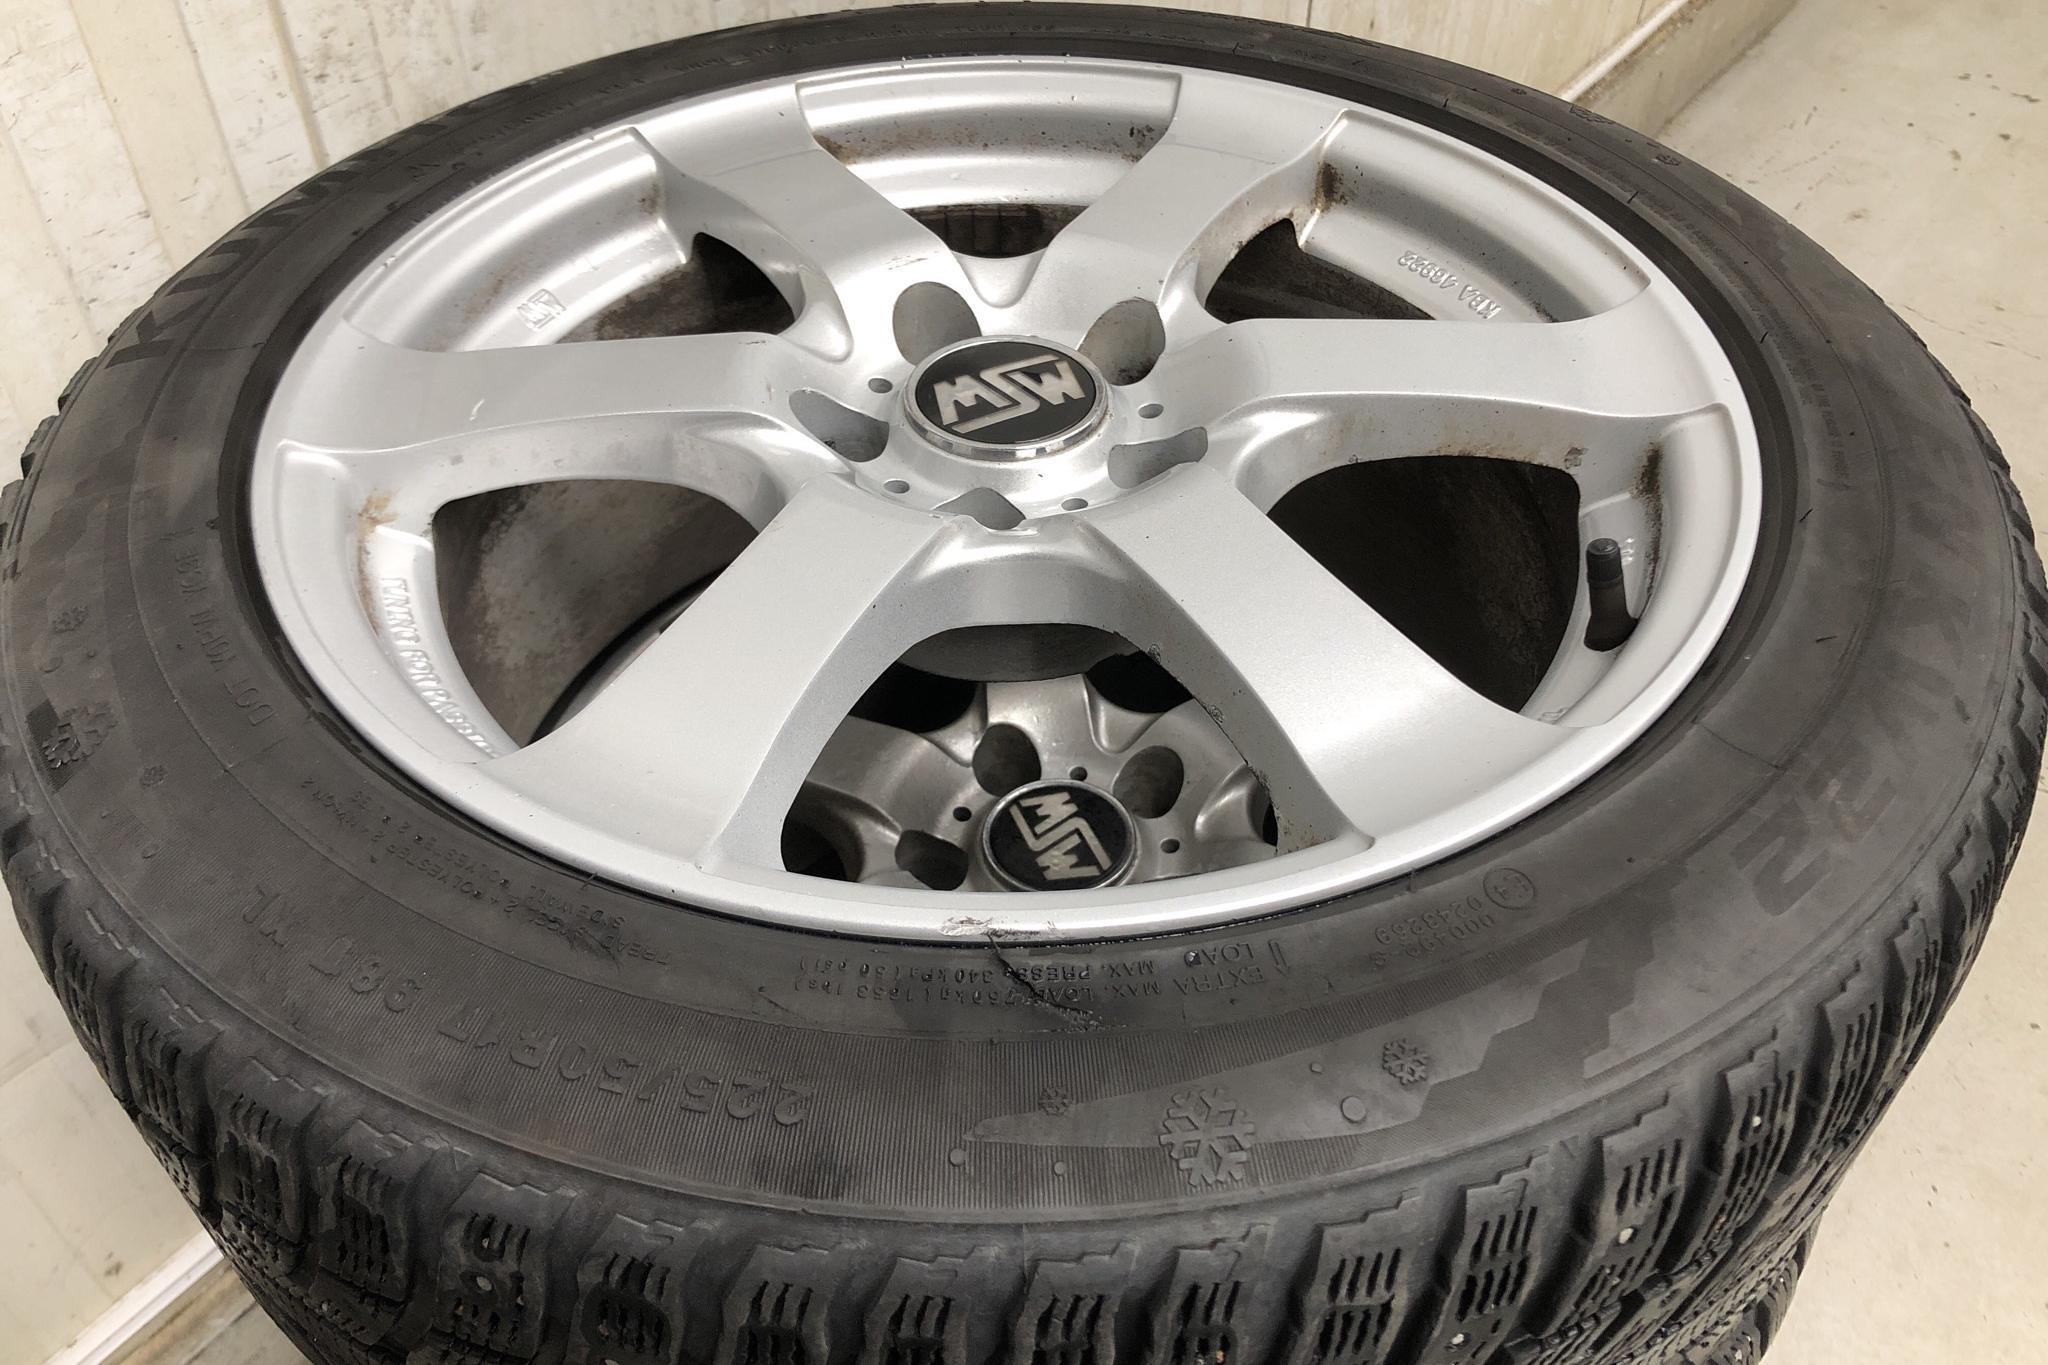 Mercedes E 220 CDI Kombi S212 (170hk) - 14 700 mil - silver - 2013